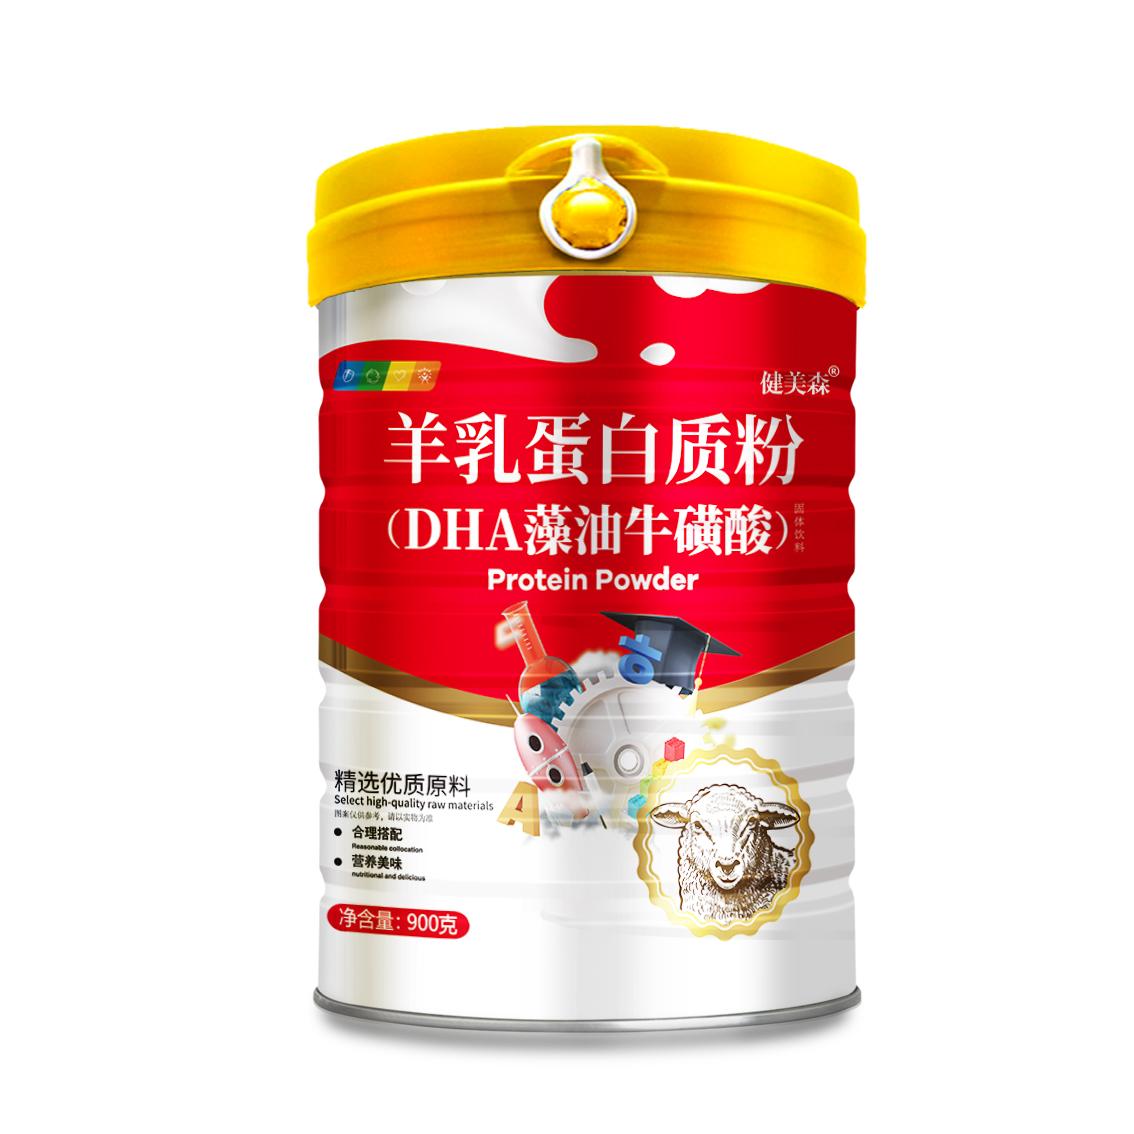 羊乳蛋白质粉(DHA藻油牛磺酸)